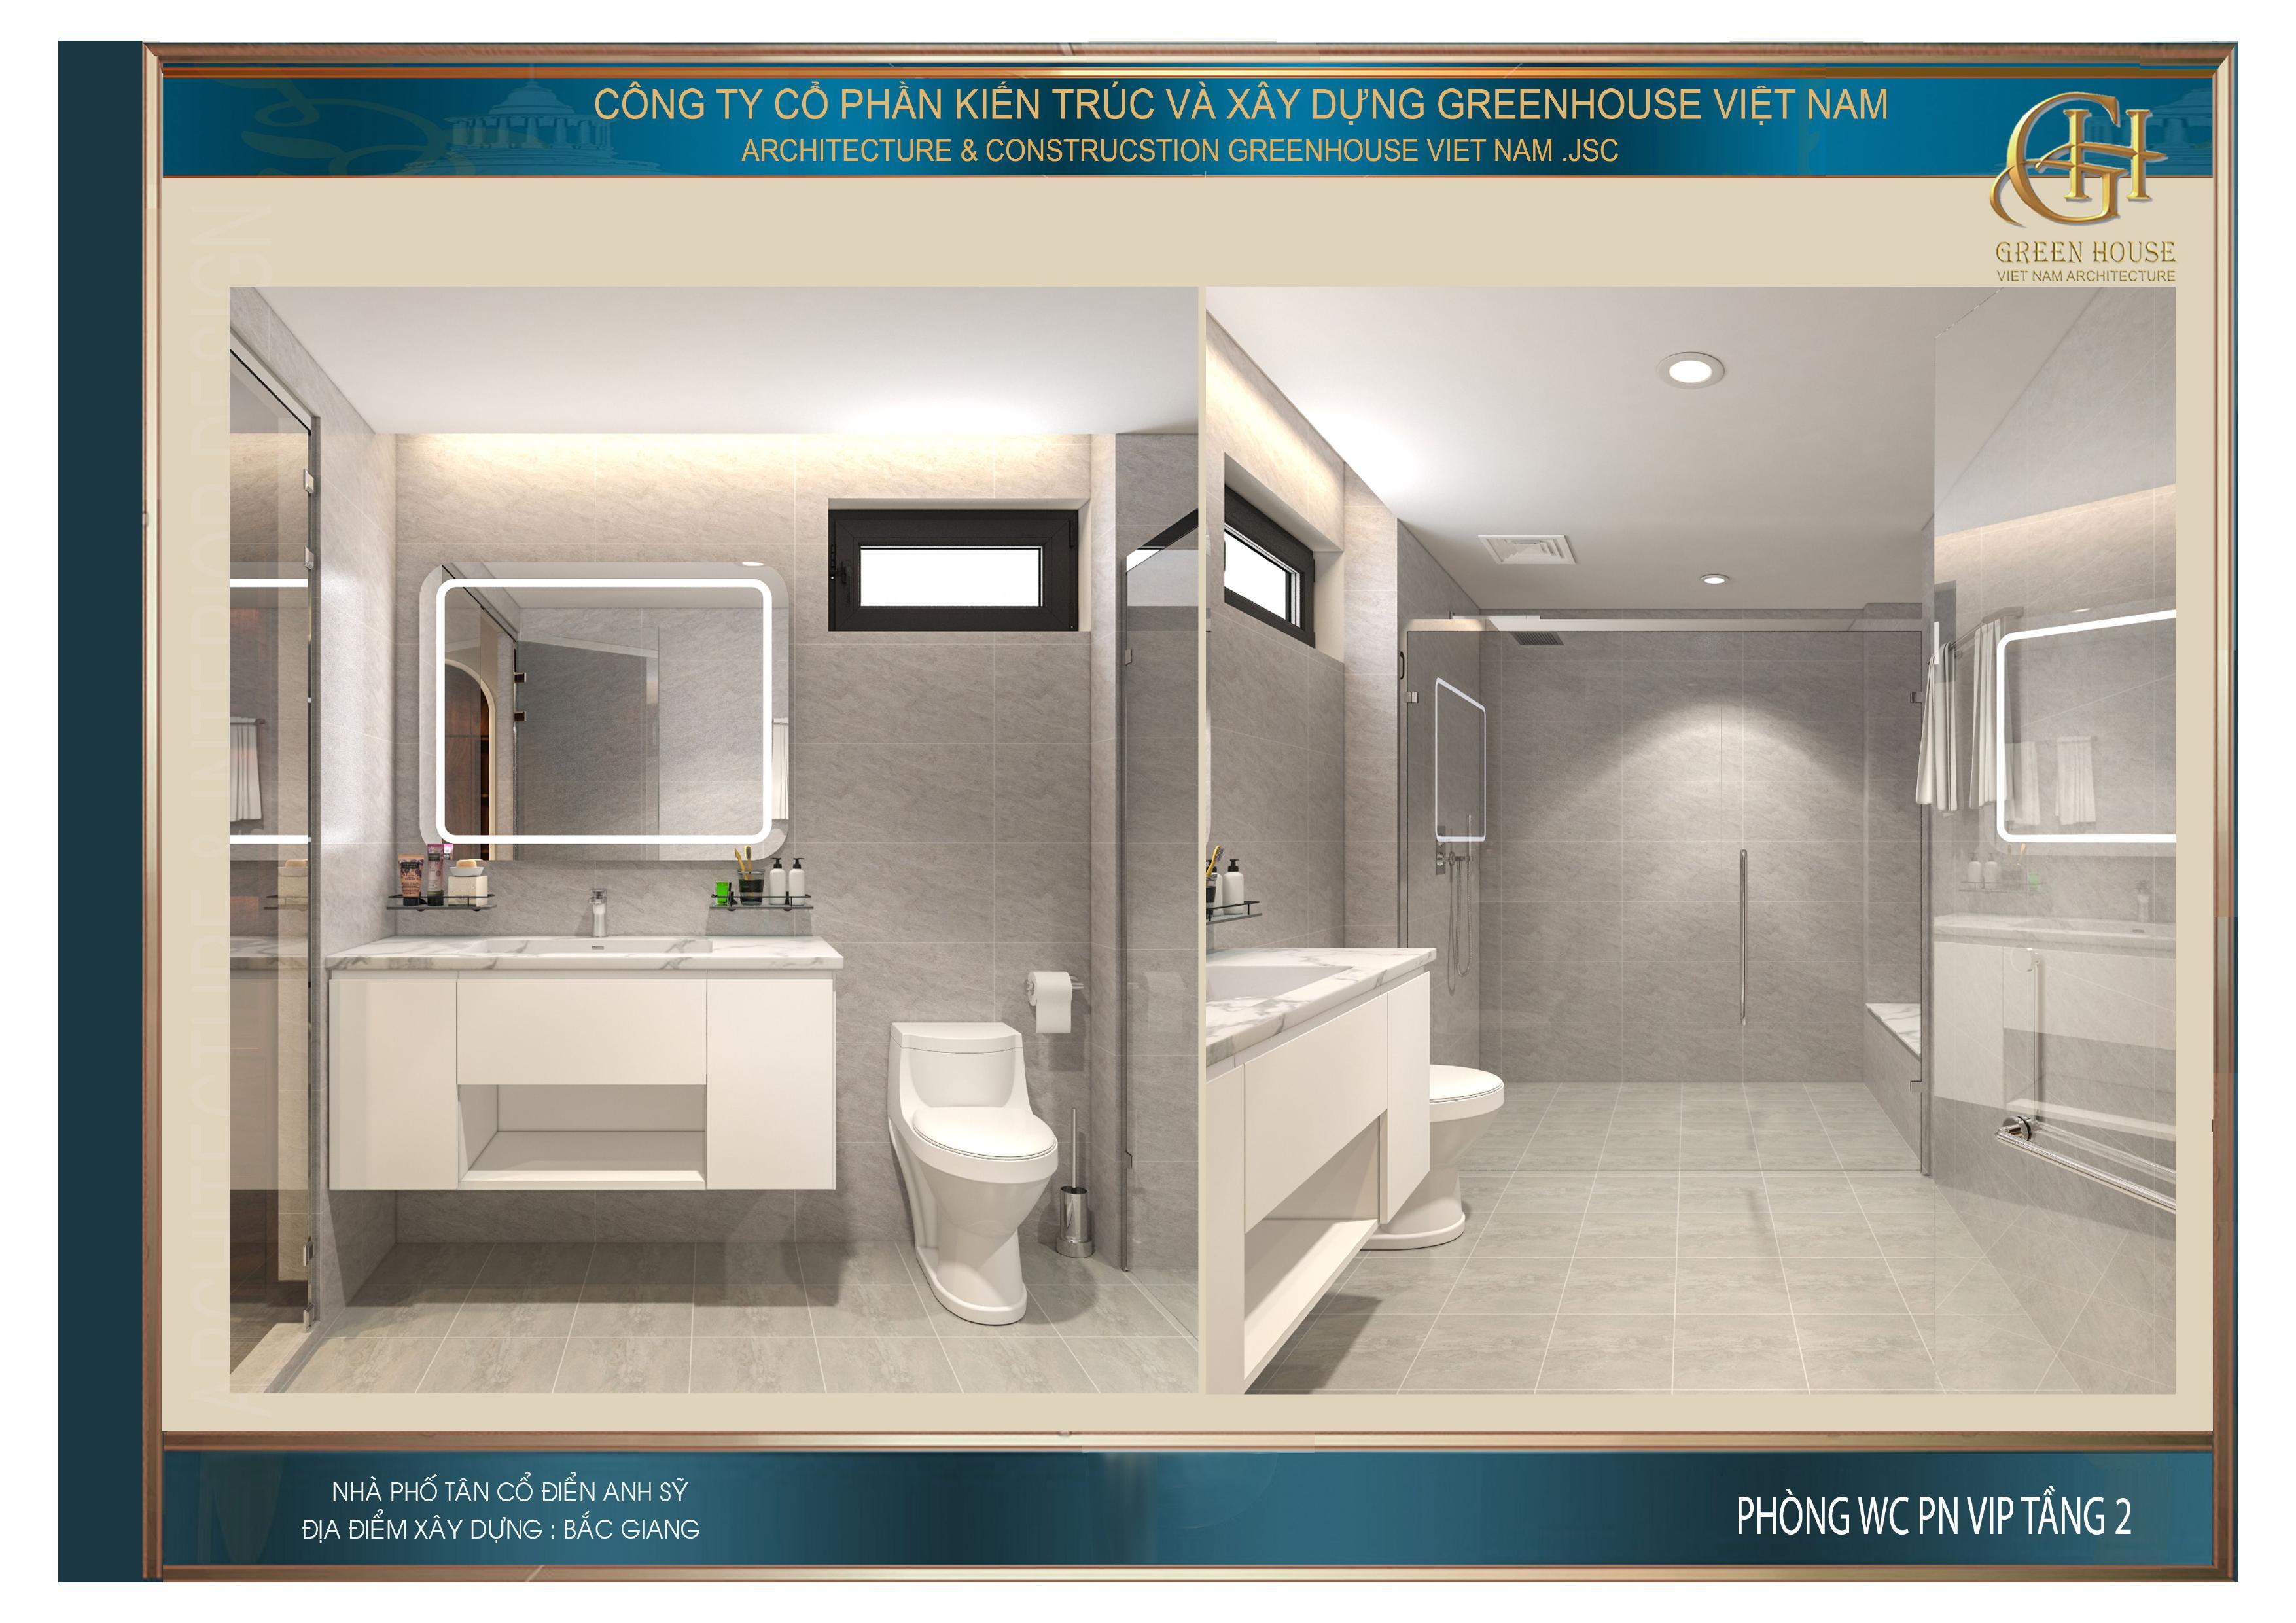 Phòng WC được thiết kế với tone trắng cao cấp